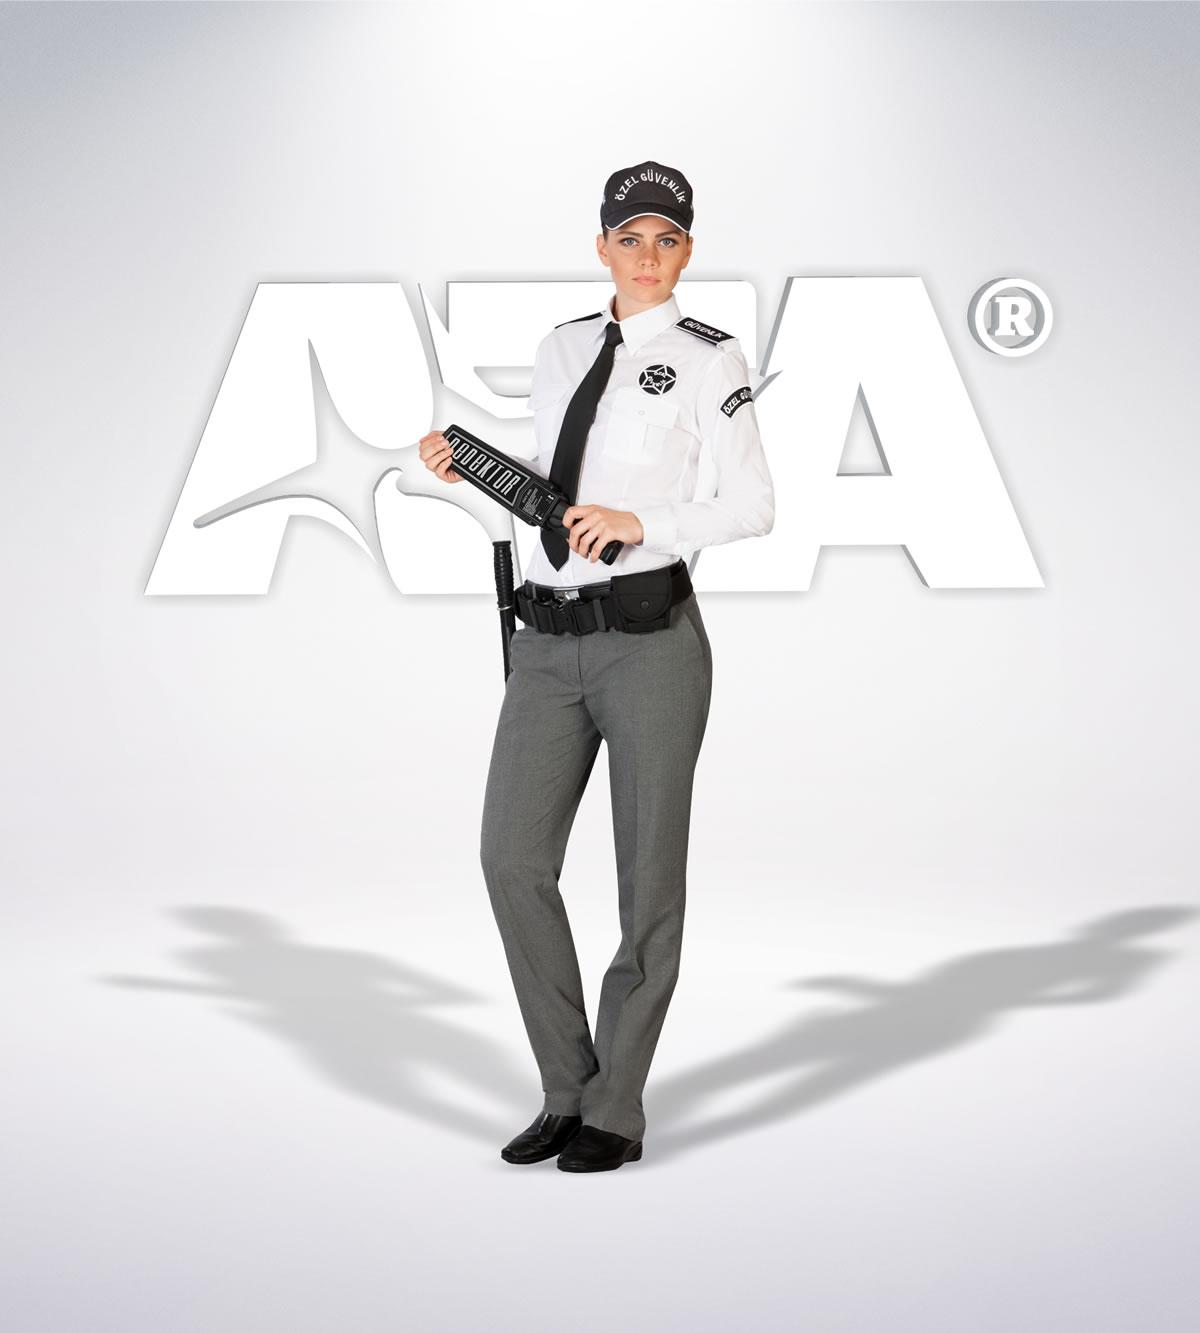 ATA 134 - Pantolon kışlık - gömlek yazlık-kışlık - aksesuar - güvenlik elbiseleri | güvenlik üniformaları | güvenlik kıyafetleri